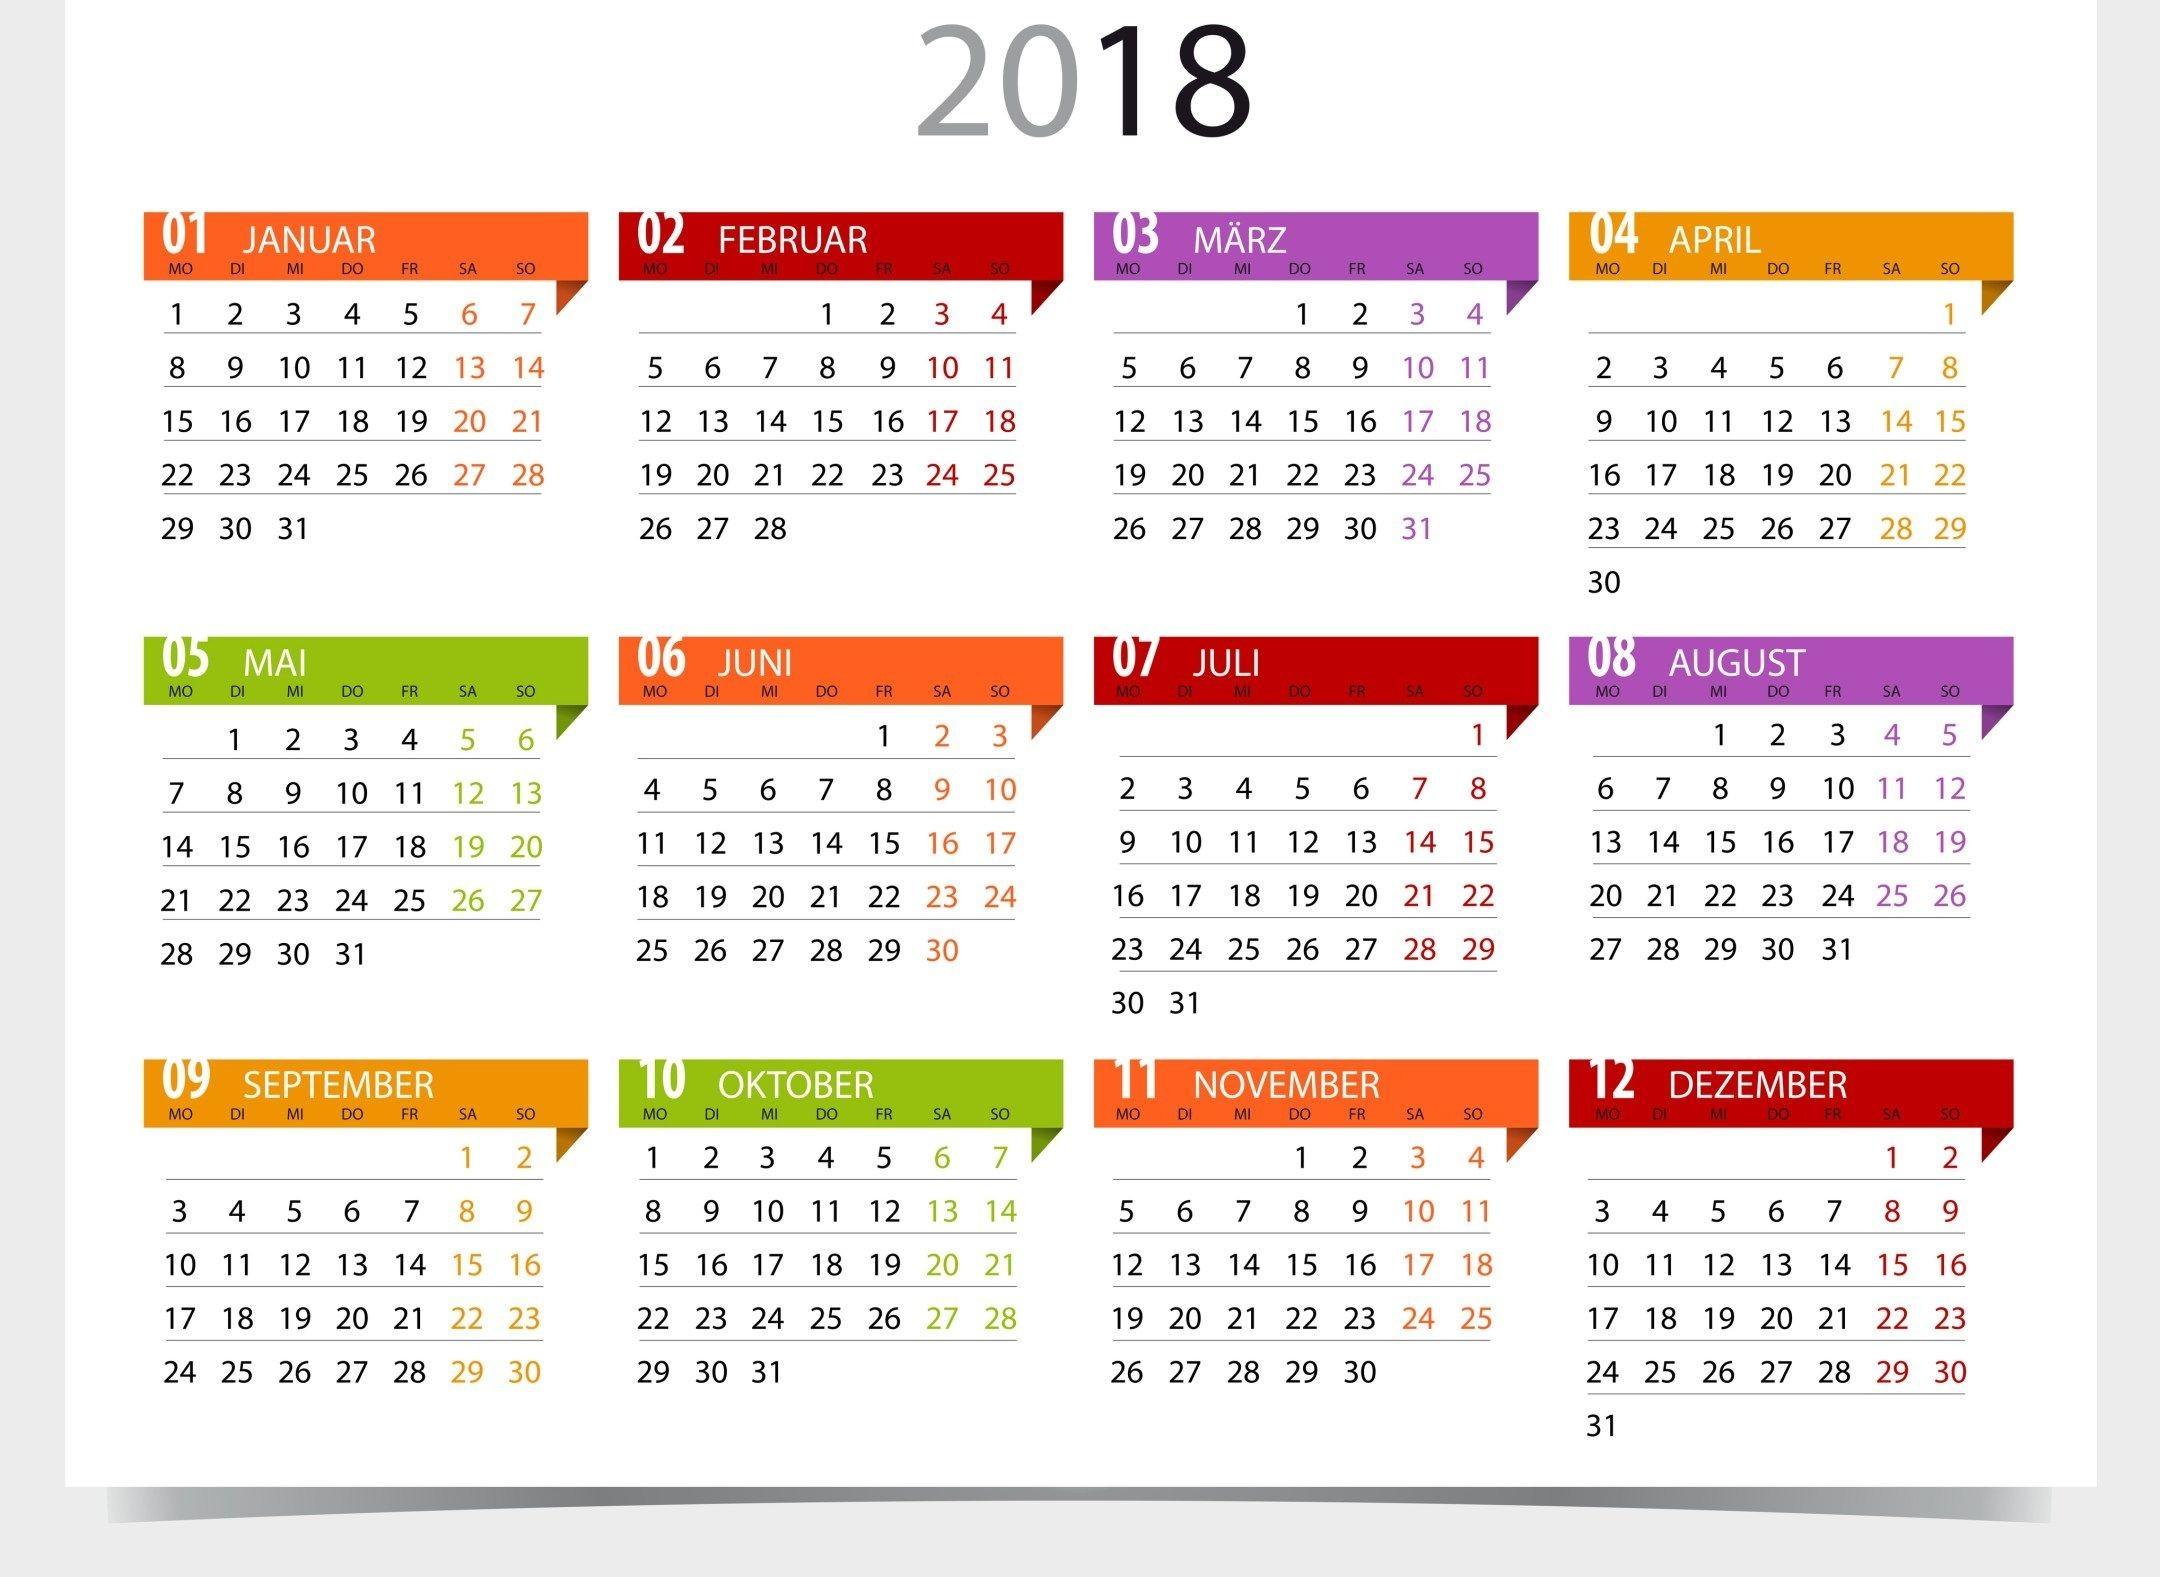 Calendario Para Imprimir 2019 Con Fotos Más Recientes Es Calendarios Para Imprimir 2017 Noviembre Of Calendario Para Imprimir 2019 Con Fotos Más Reciente Observar Calendario Para Imprimir 2019 Pdf